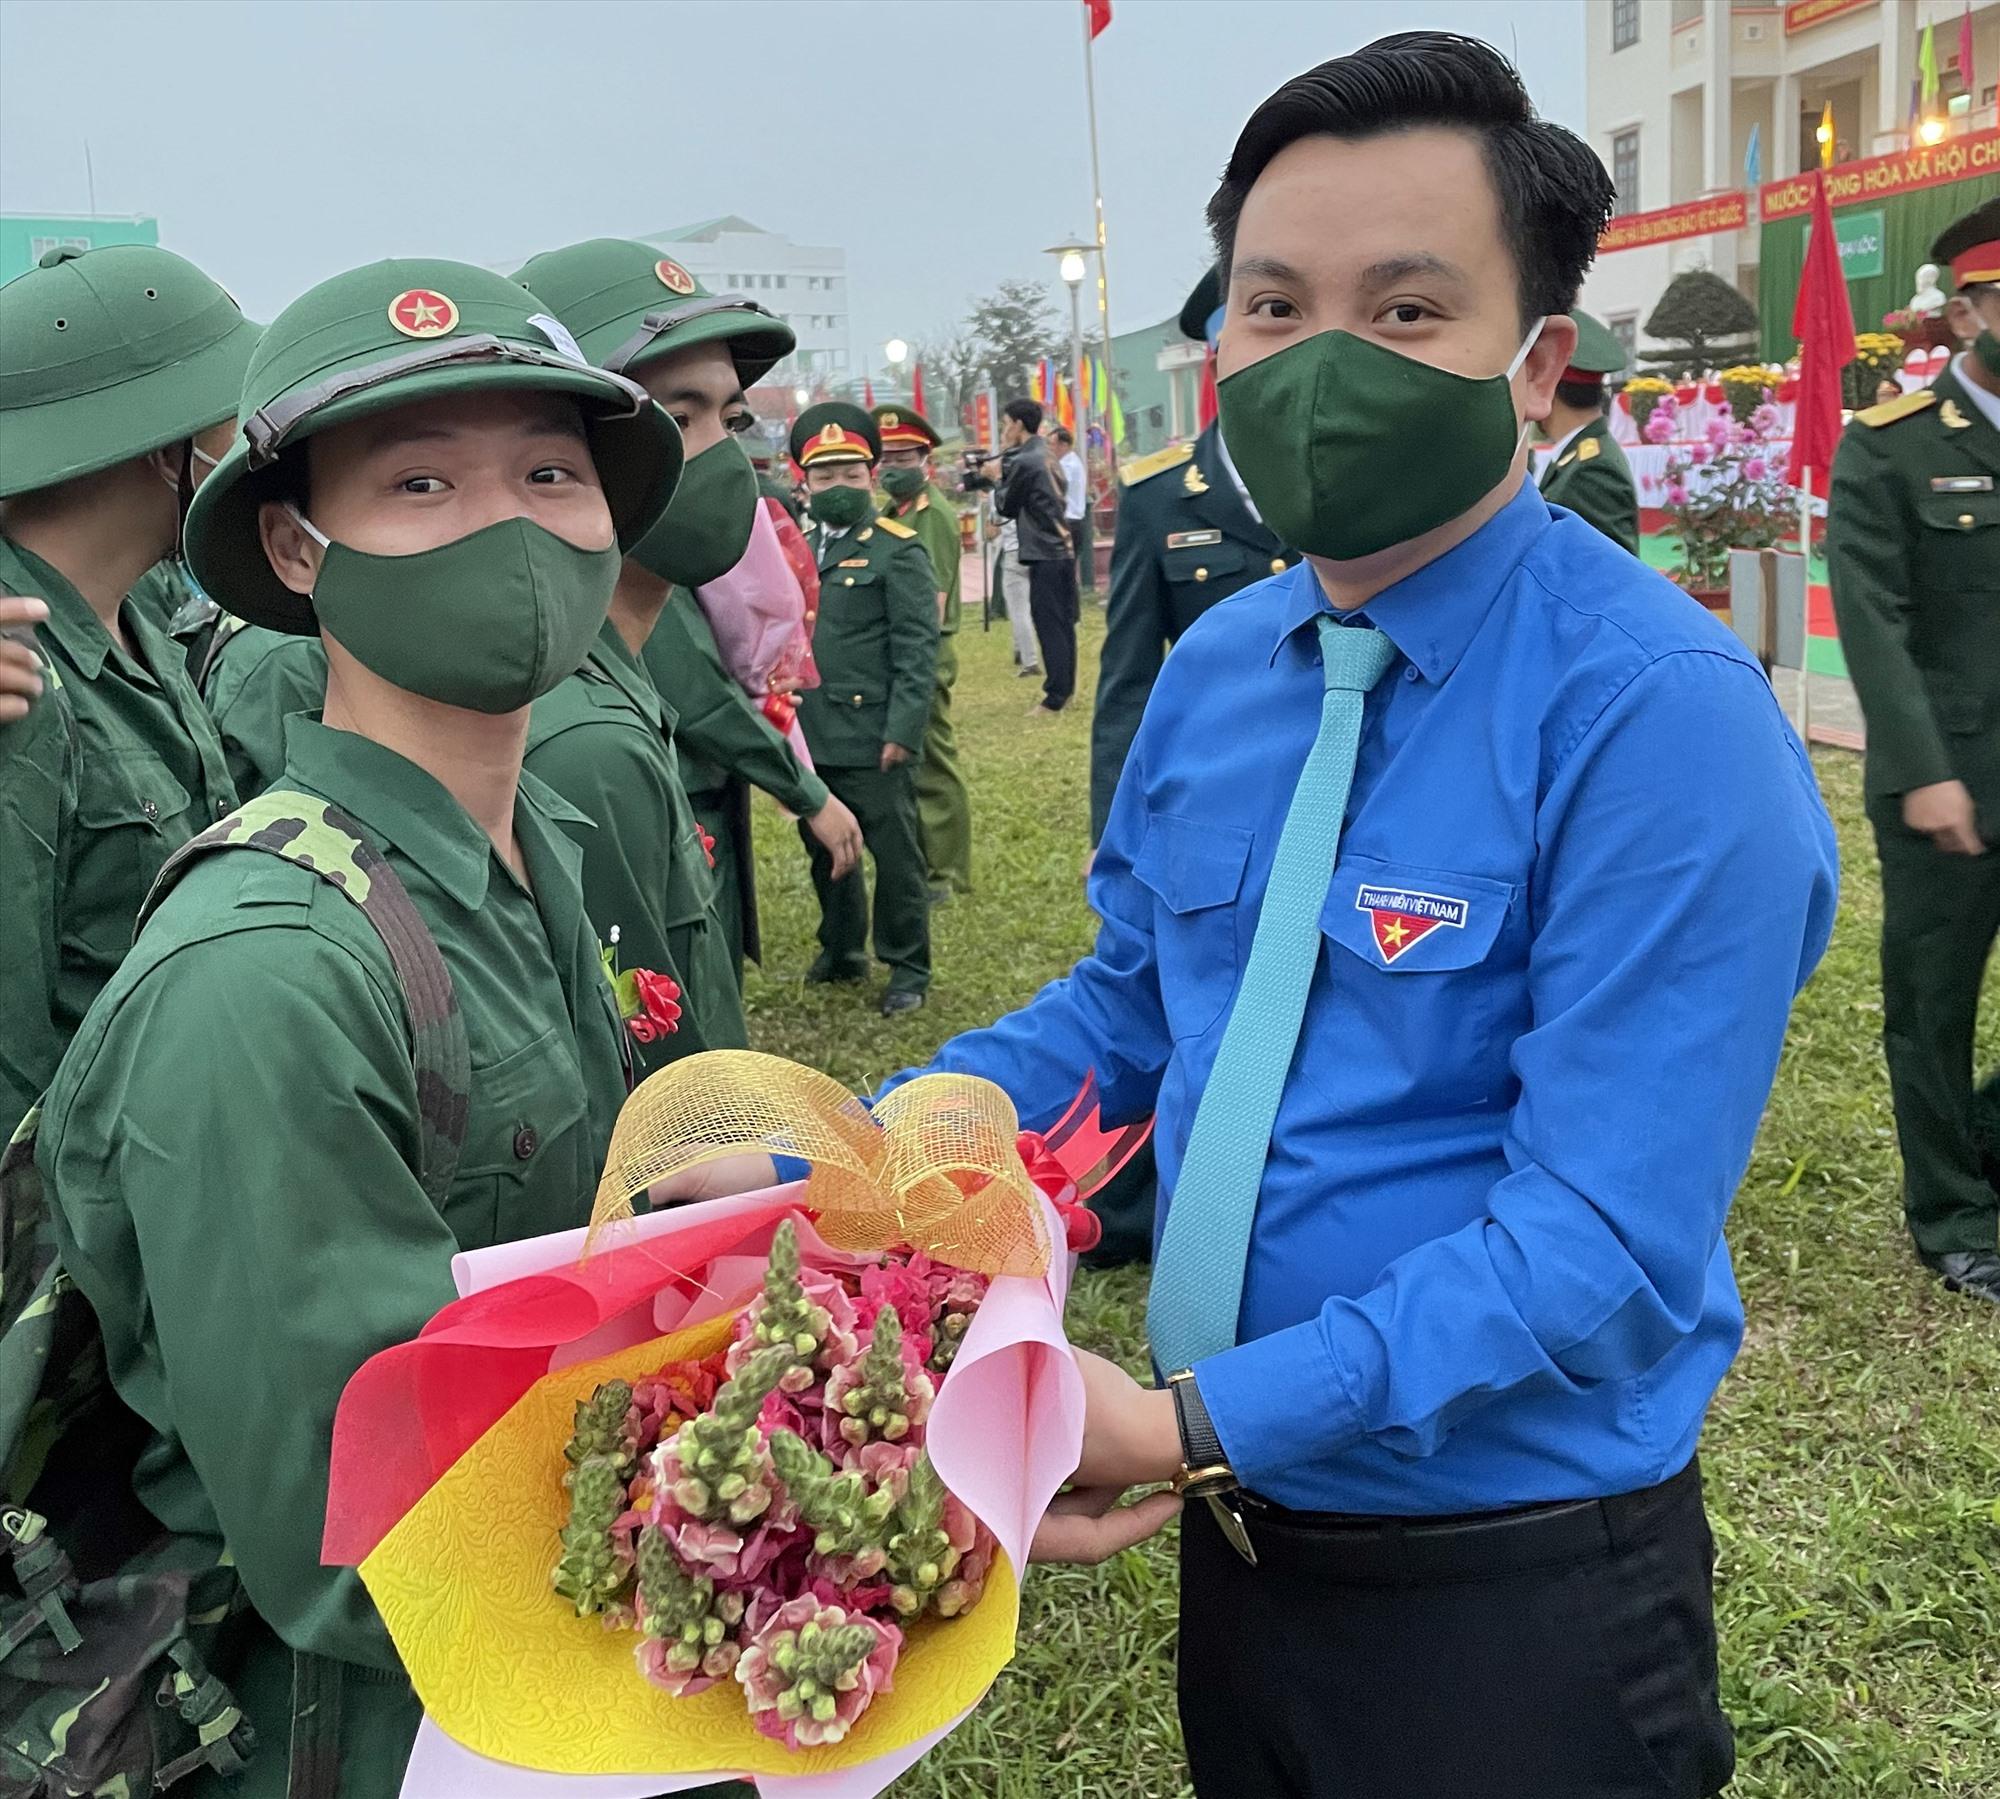 Cán bộ đoàn tặng hoa, động viên thanh niên lên đường thi hành nghĩa vụ quân sự. Ảnh: T.S